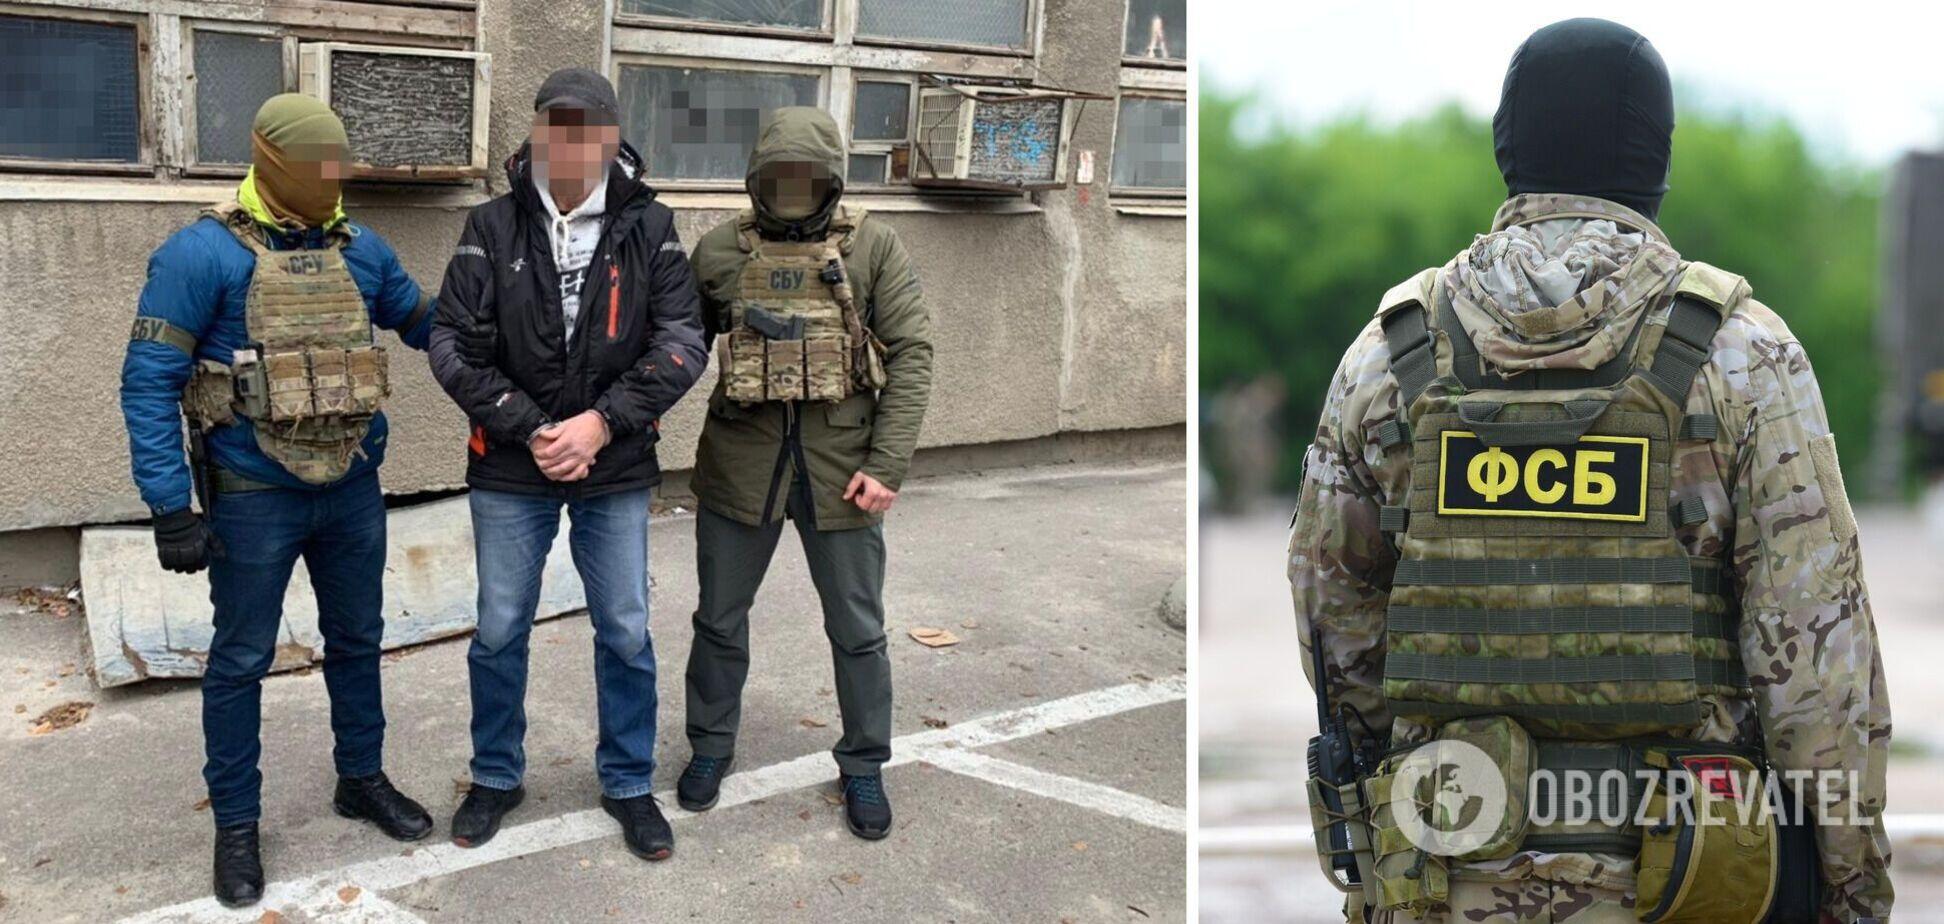 В Харькове на горячем задержали агента ФСБ. Видео